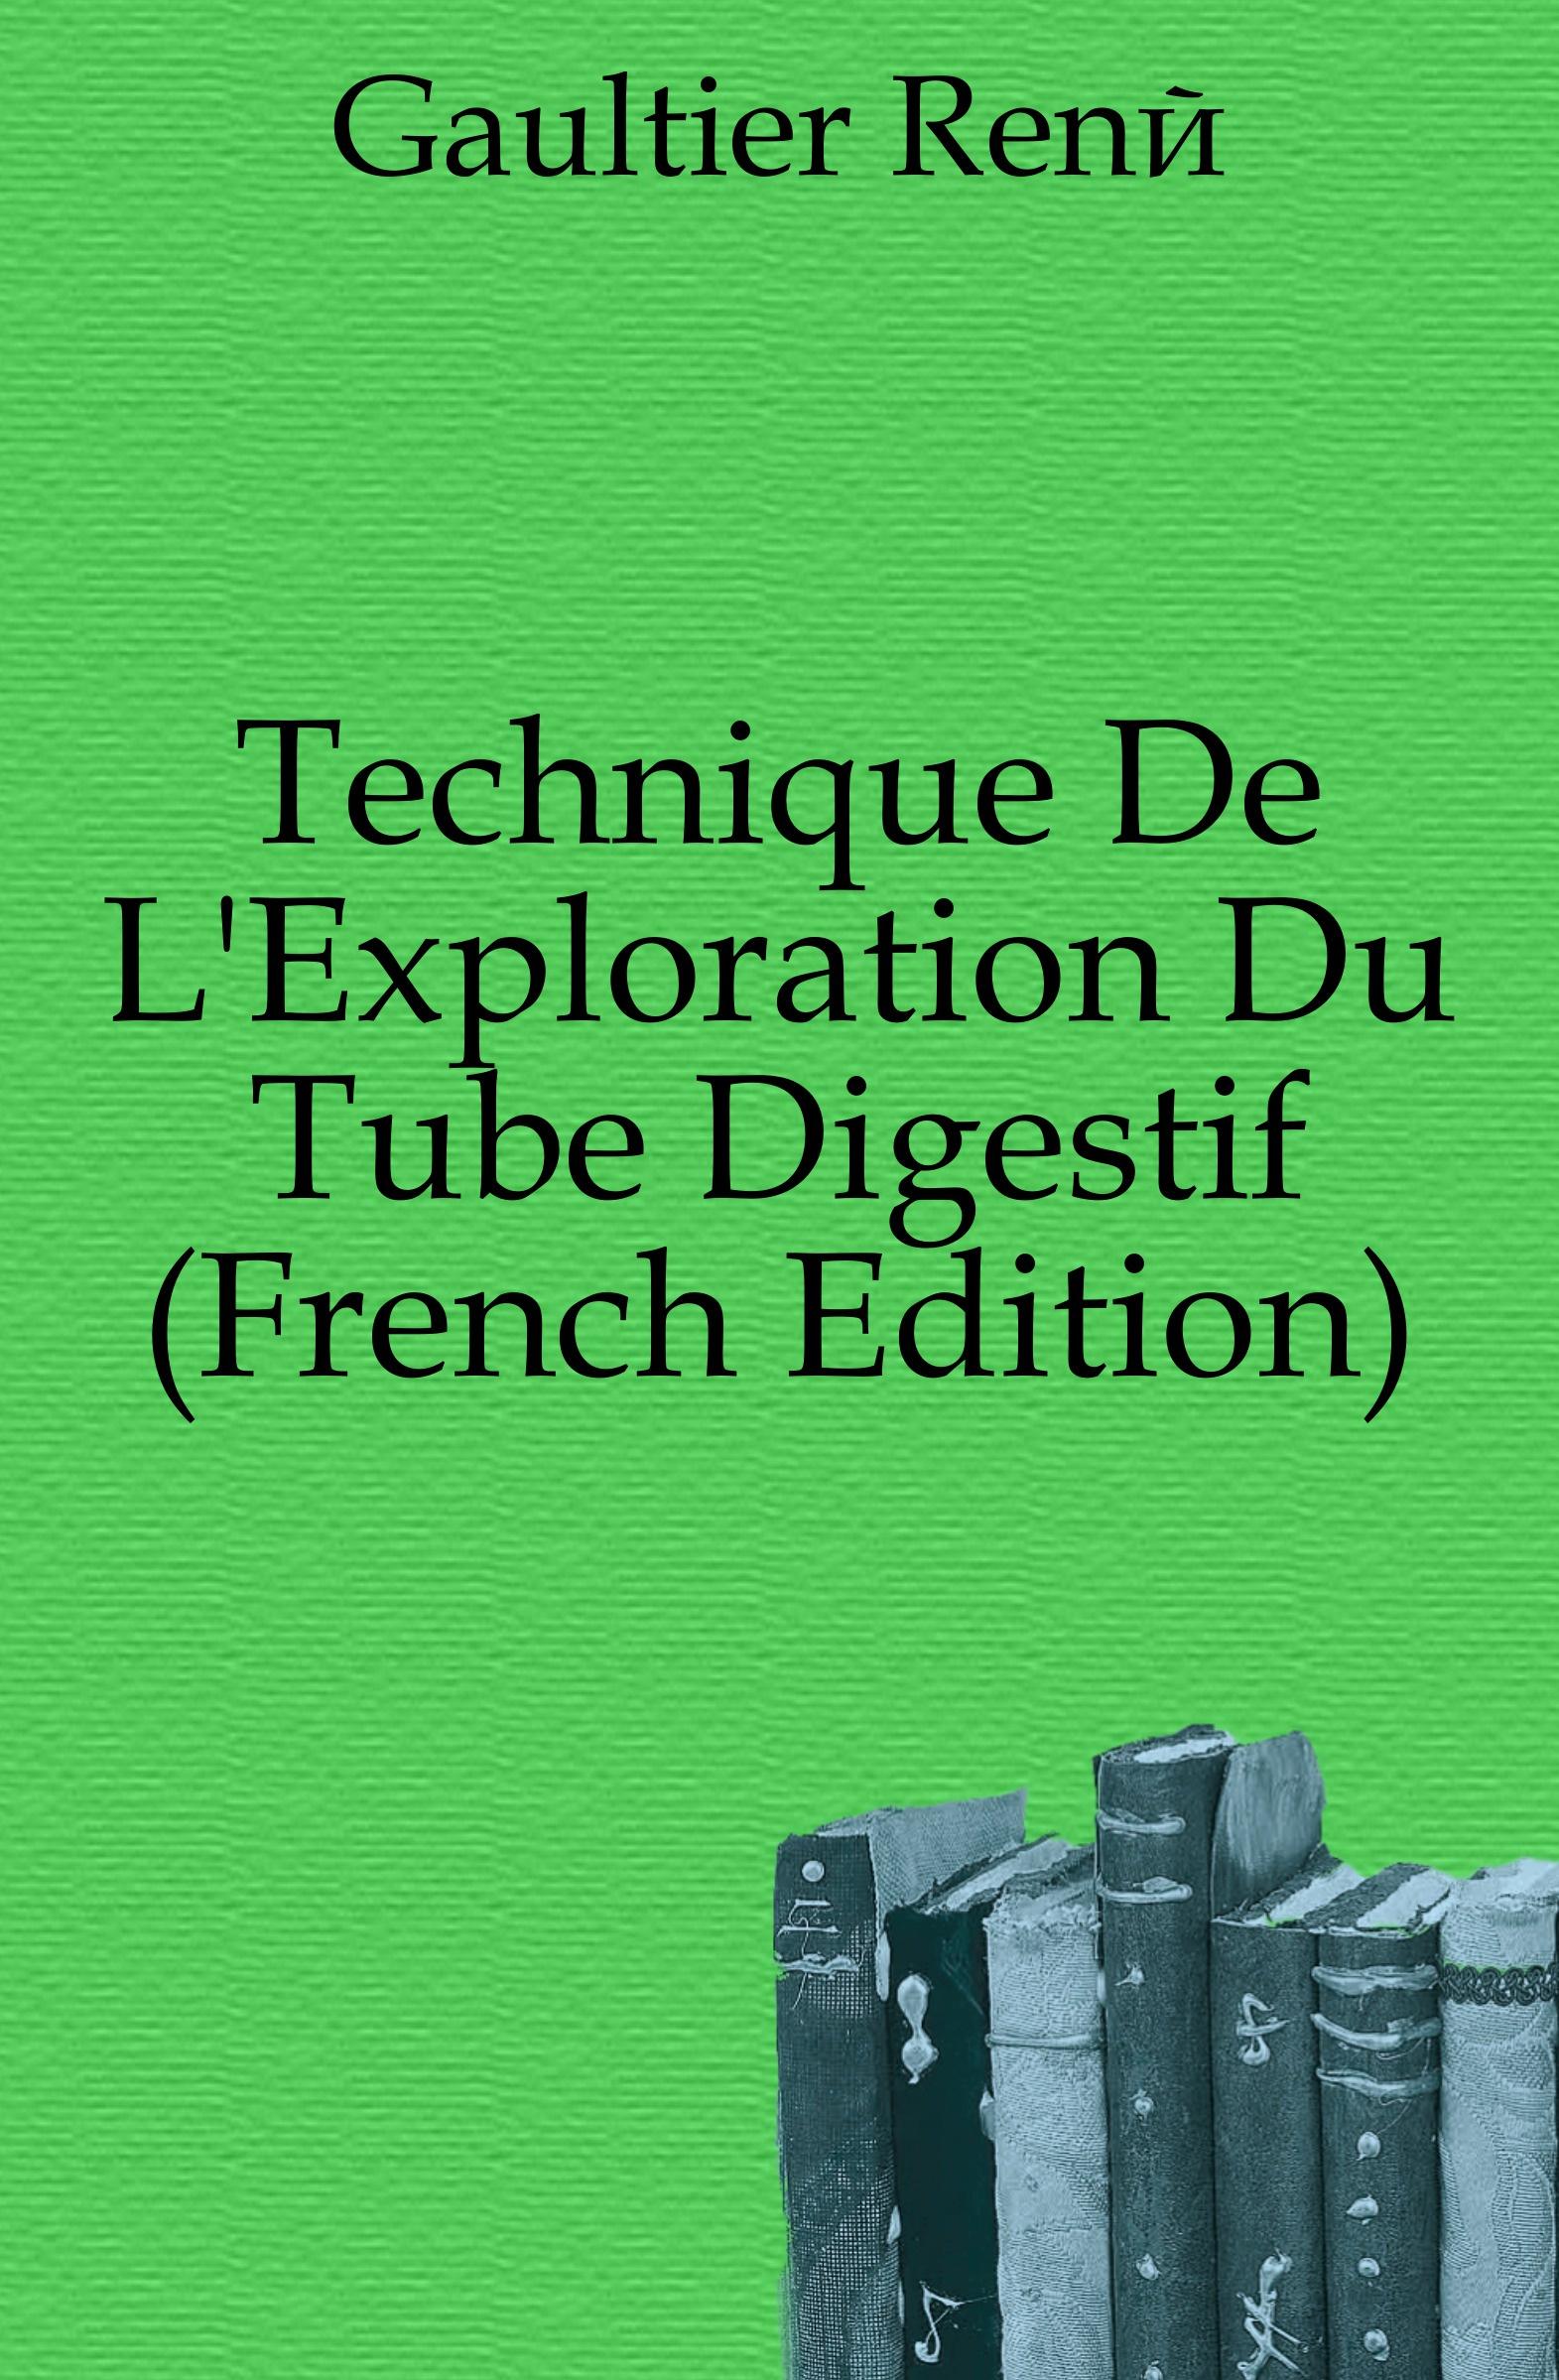 Фото - Gaultier René Technique De L.Exploration Du Tube Digestif (French Edition) jean paul gaultier le male